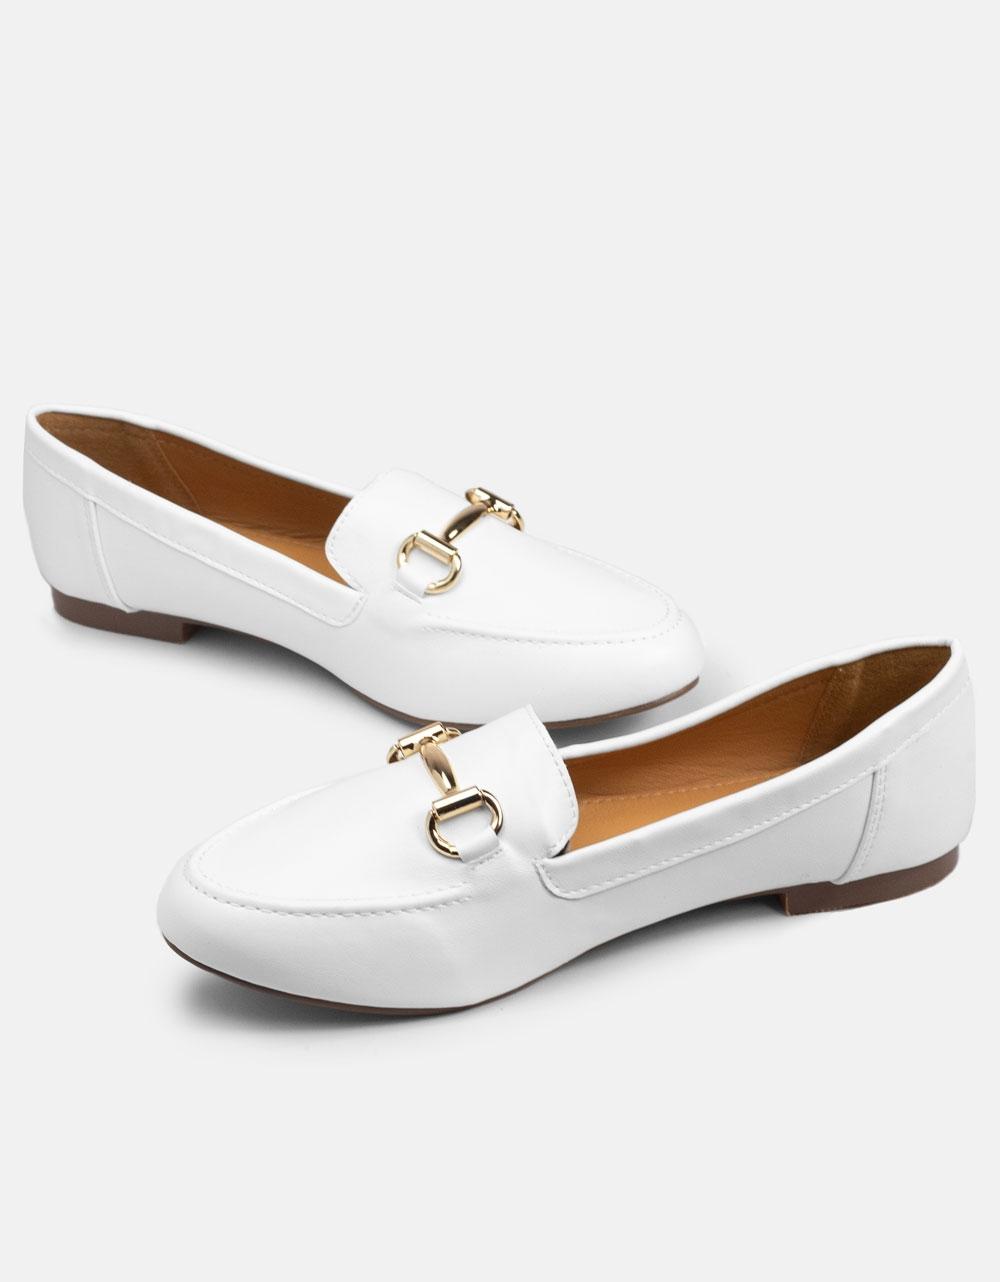 Εικόνα από Γυναικεία loafers σε απλή γραμμή Λευκό